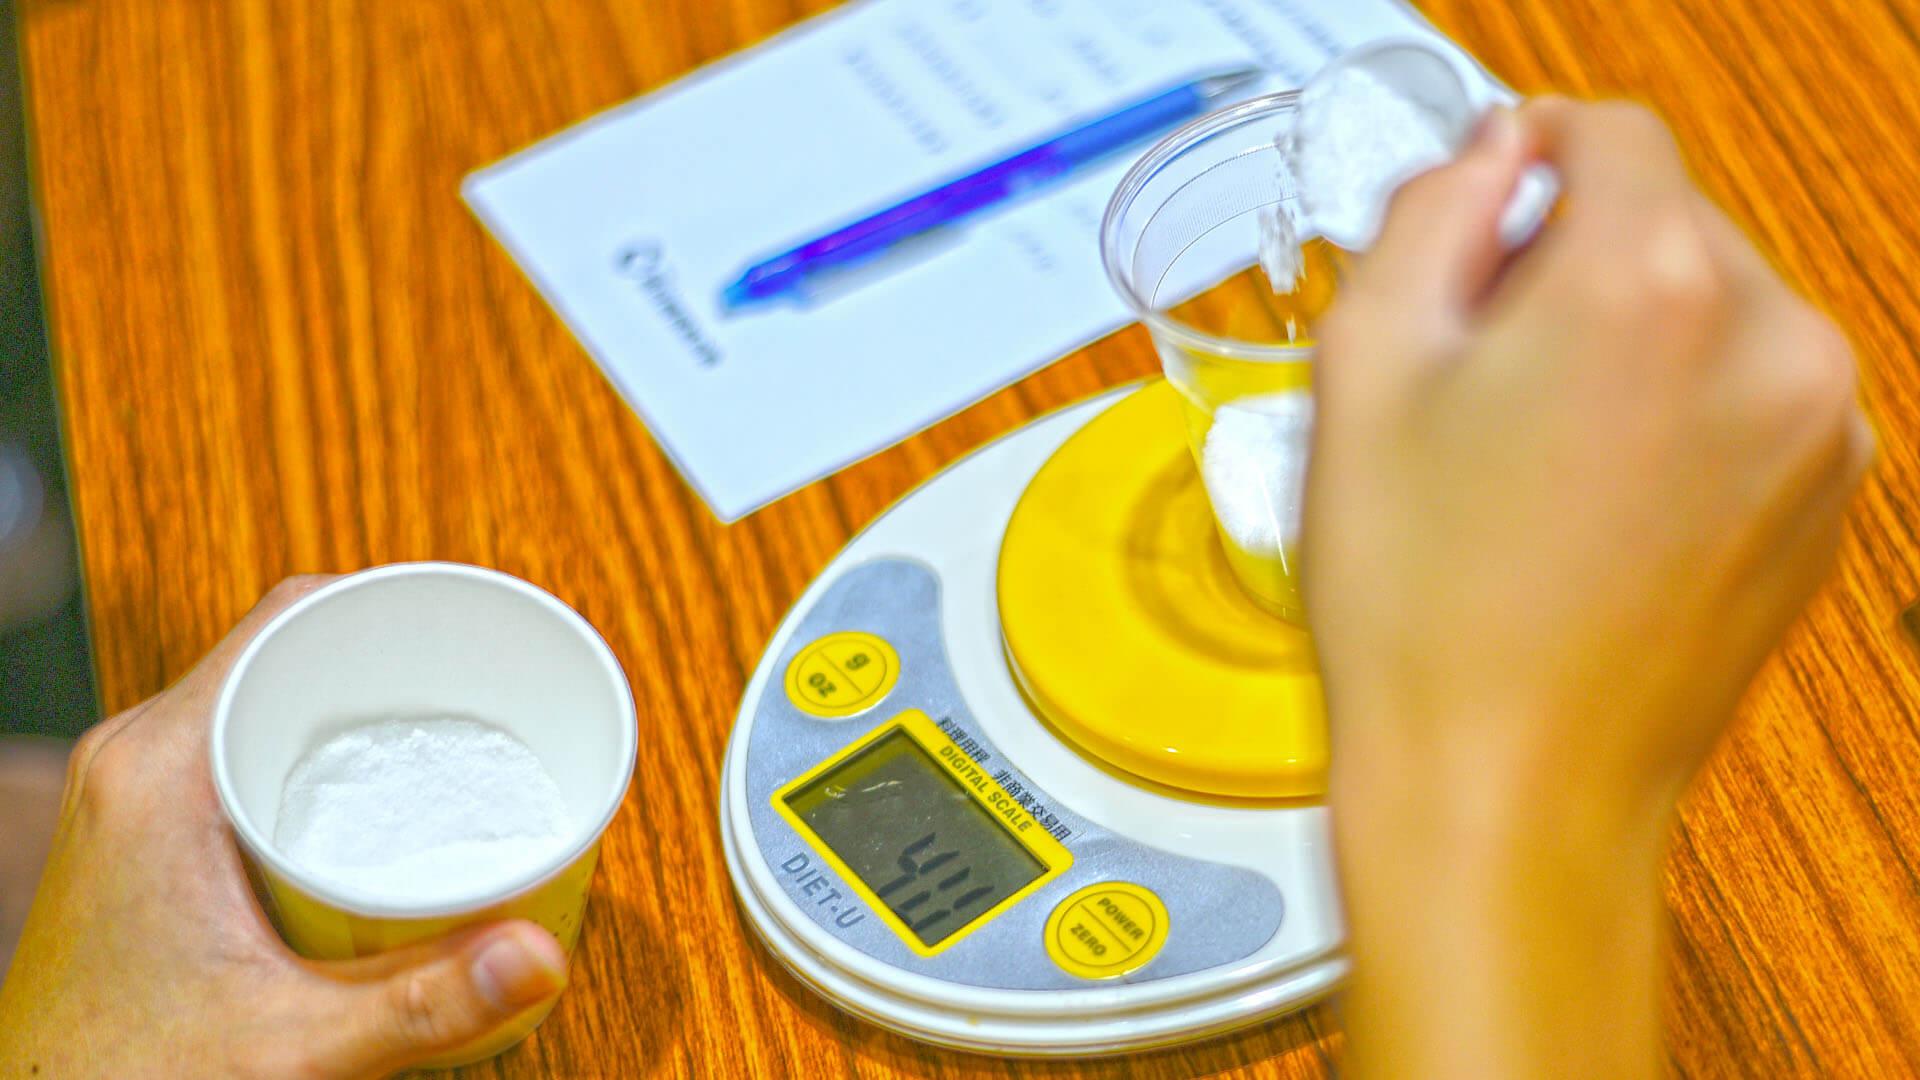 營養師問學生每杯飲料,應該有多少的糖量,在學生倒入心中預想的糖粉之後,營養師再公布正確答案,如此一來就能讓學生加深記憶。